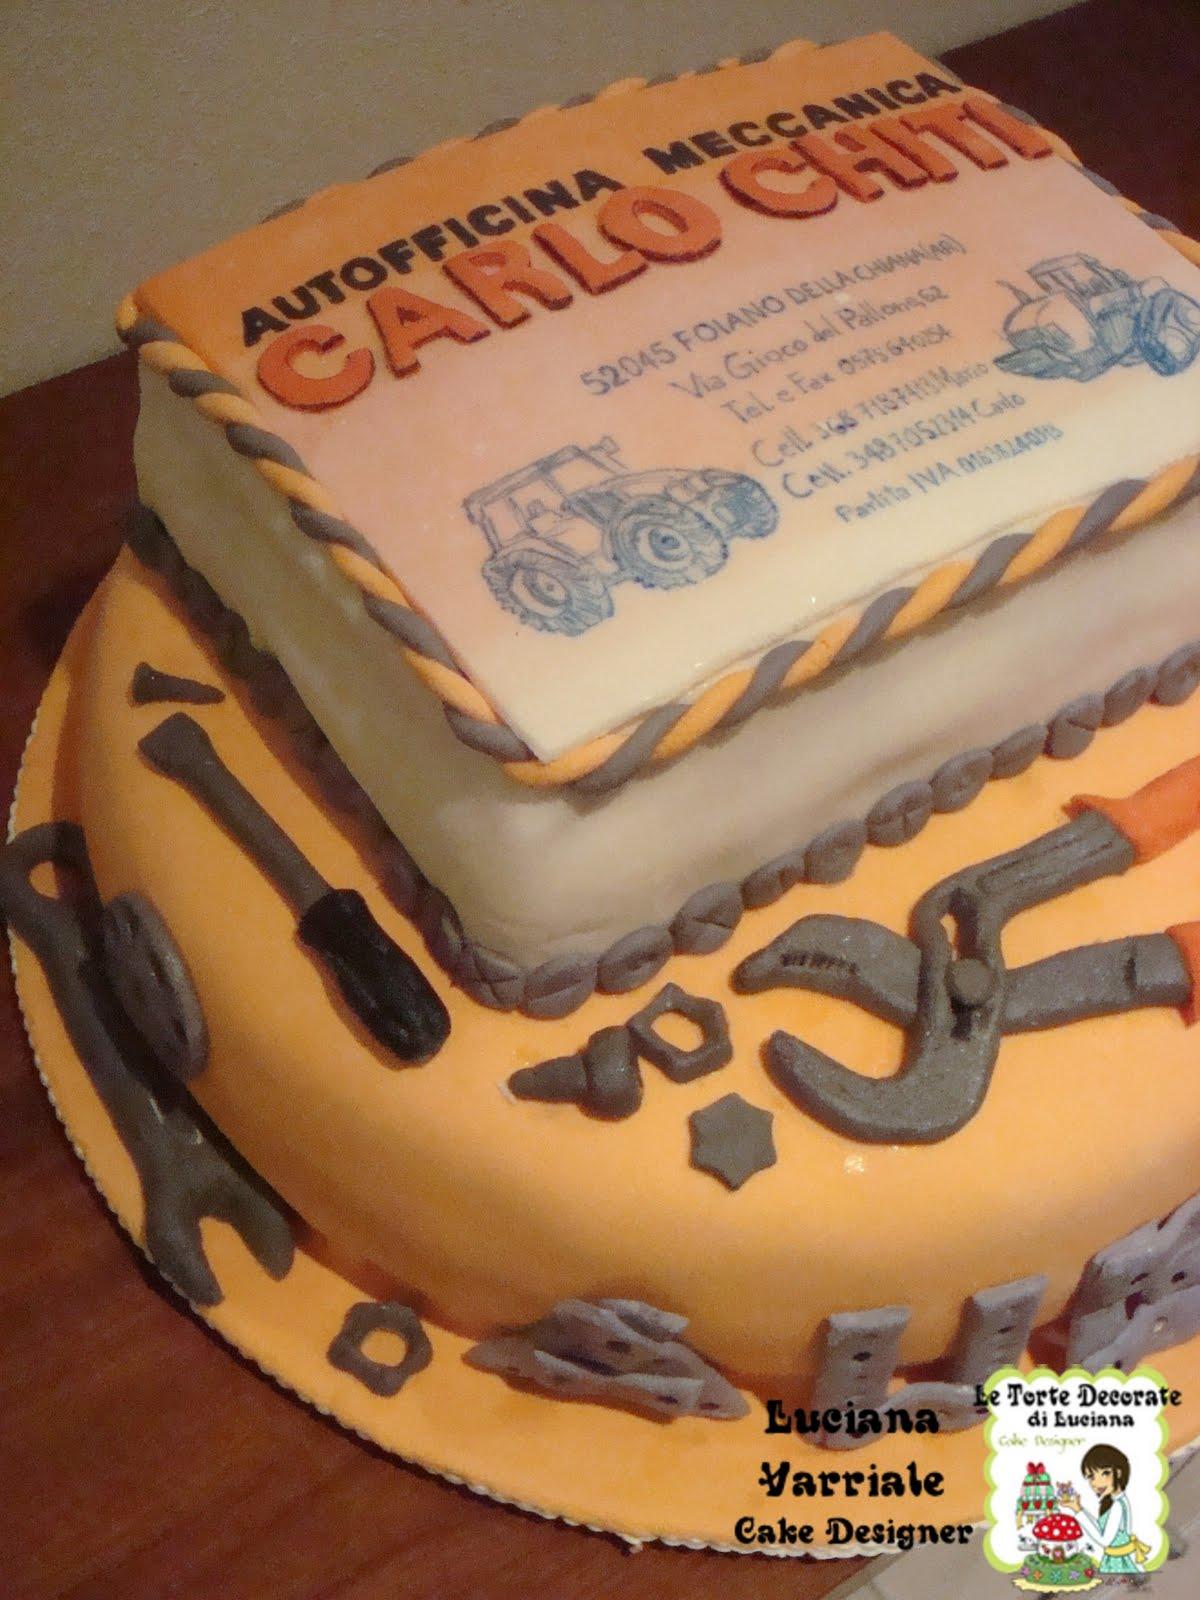 Le torte decorate torta biglietto da visita officina